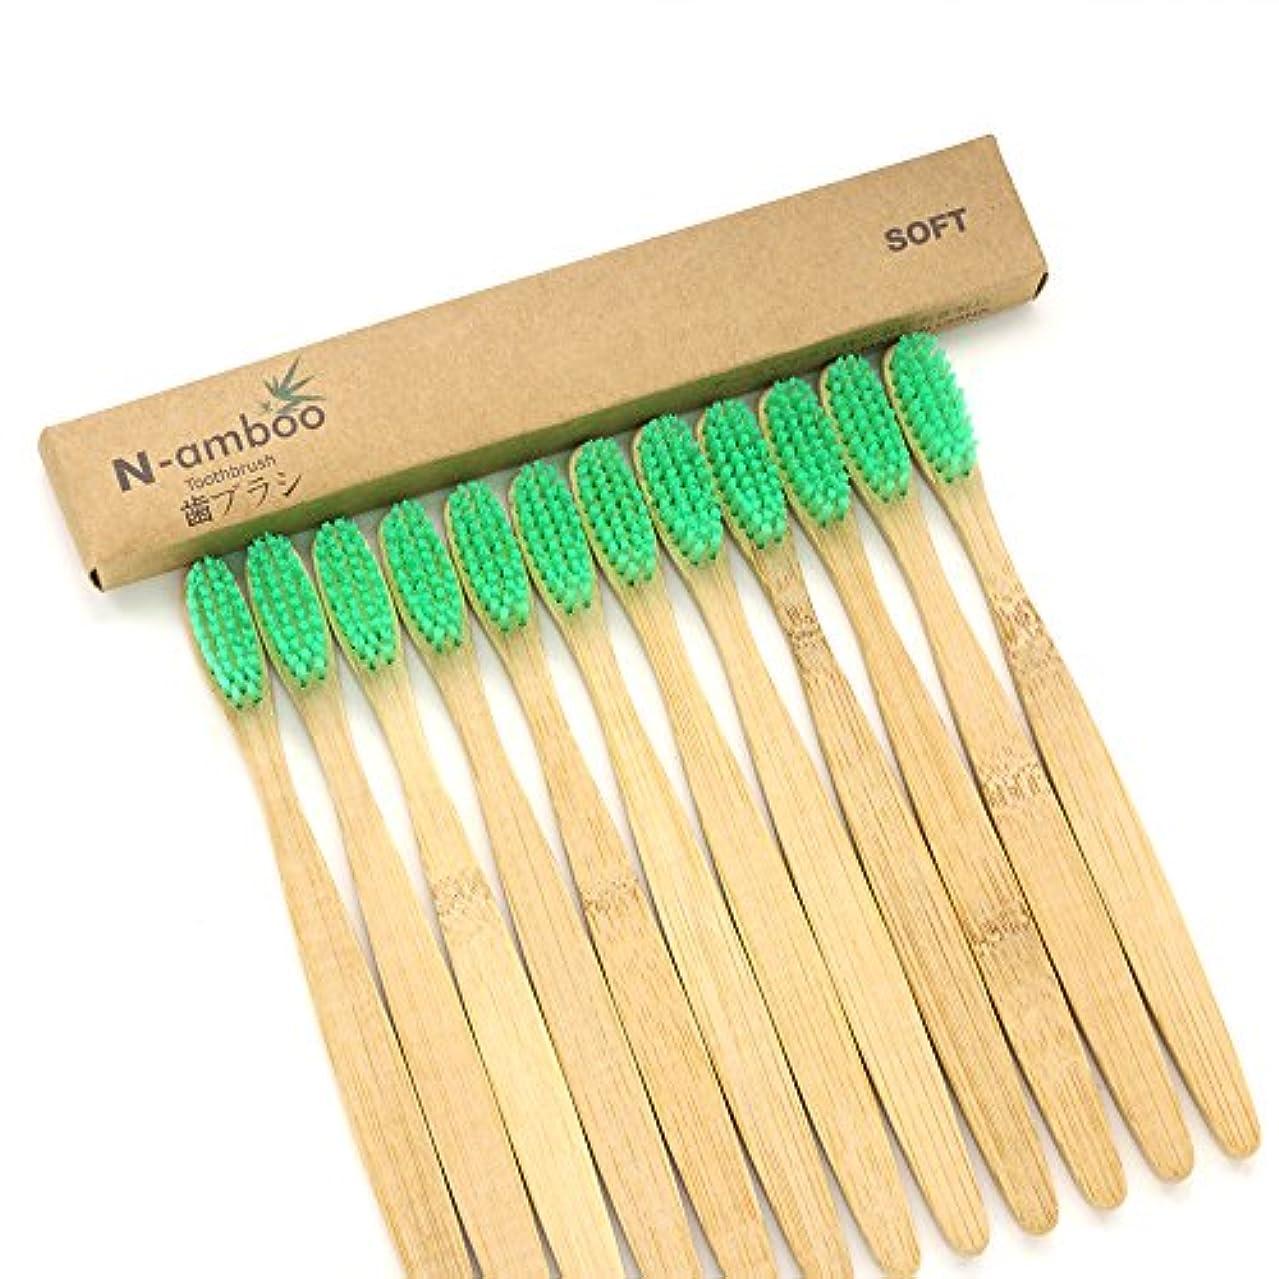 水プレフィックスカーペットN-amboo 竹製 歯ブラシ 高耐久性 セット エコ 軽量 12本入り 緑 セット